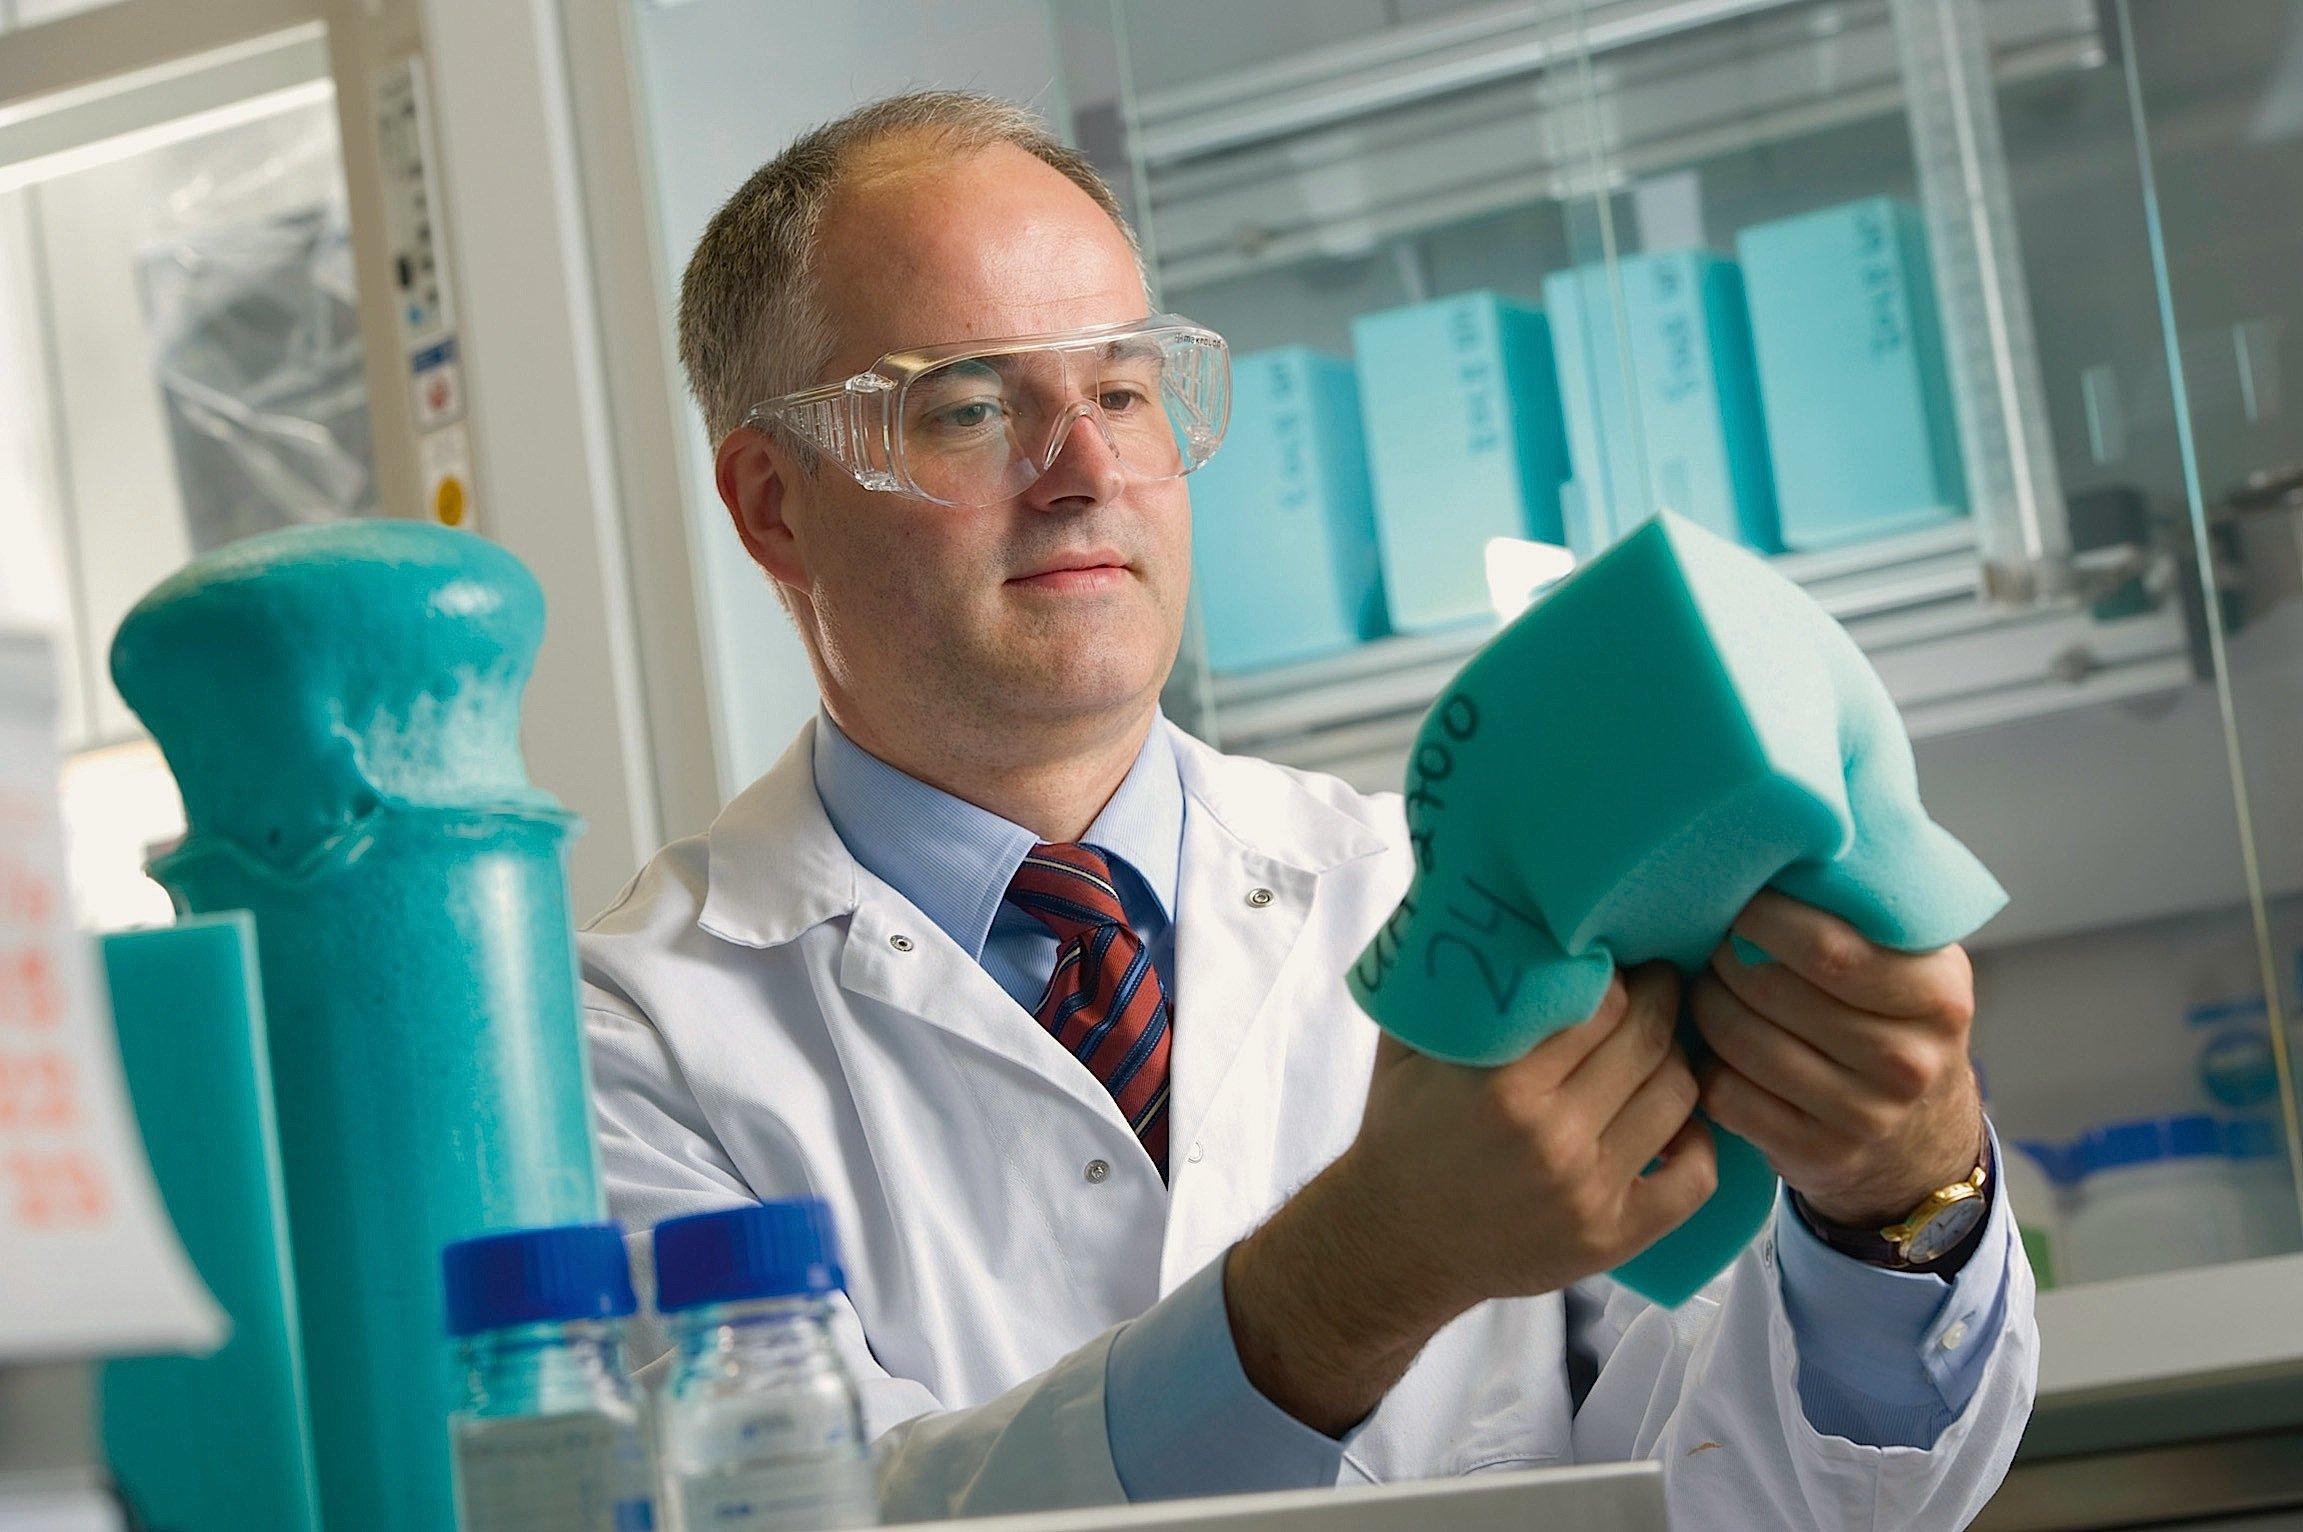 Dr. Karsten Malsch leitet beim Chemie-Unternehmen Covestro das Projekt zur Herstellung einer neuartigen Schaumstoff-Komponente mit CO2.